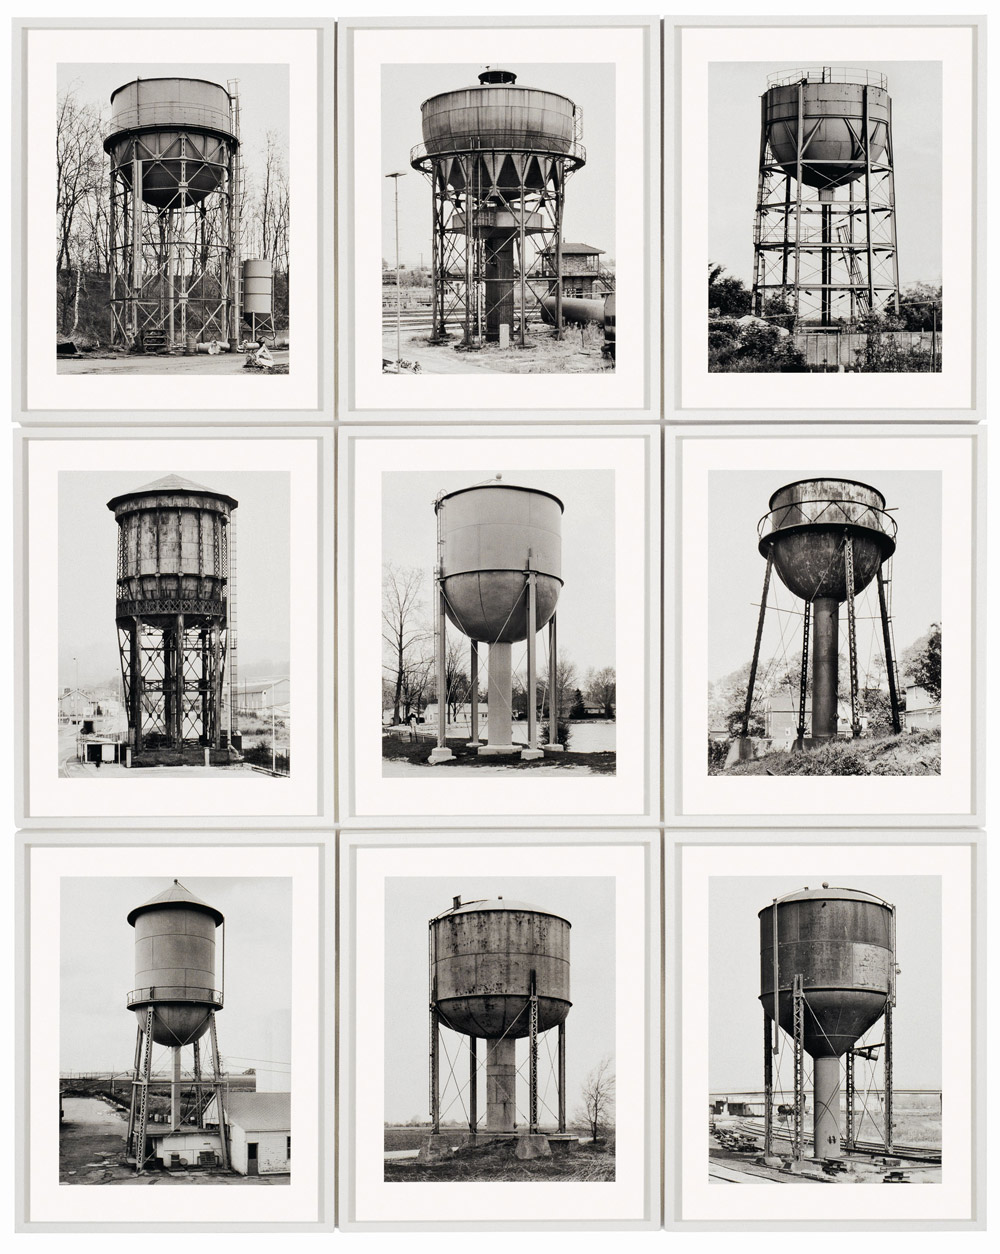 Les typologies photographiques de Bernd et Hilla Becher